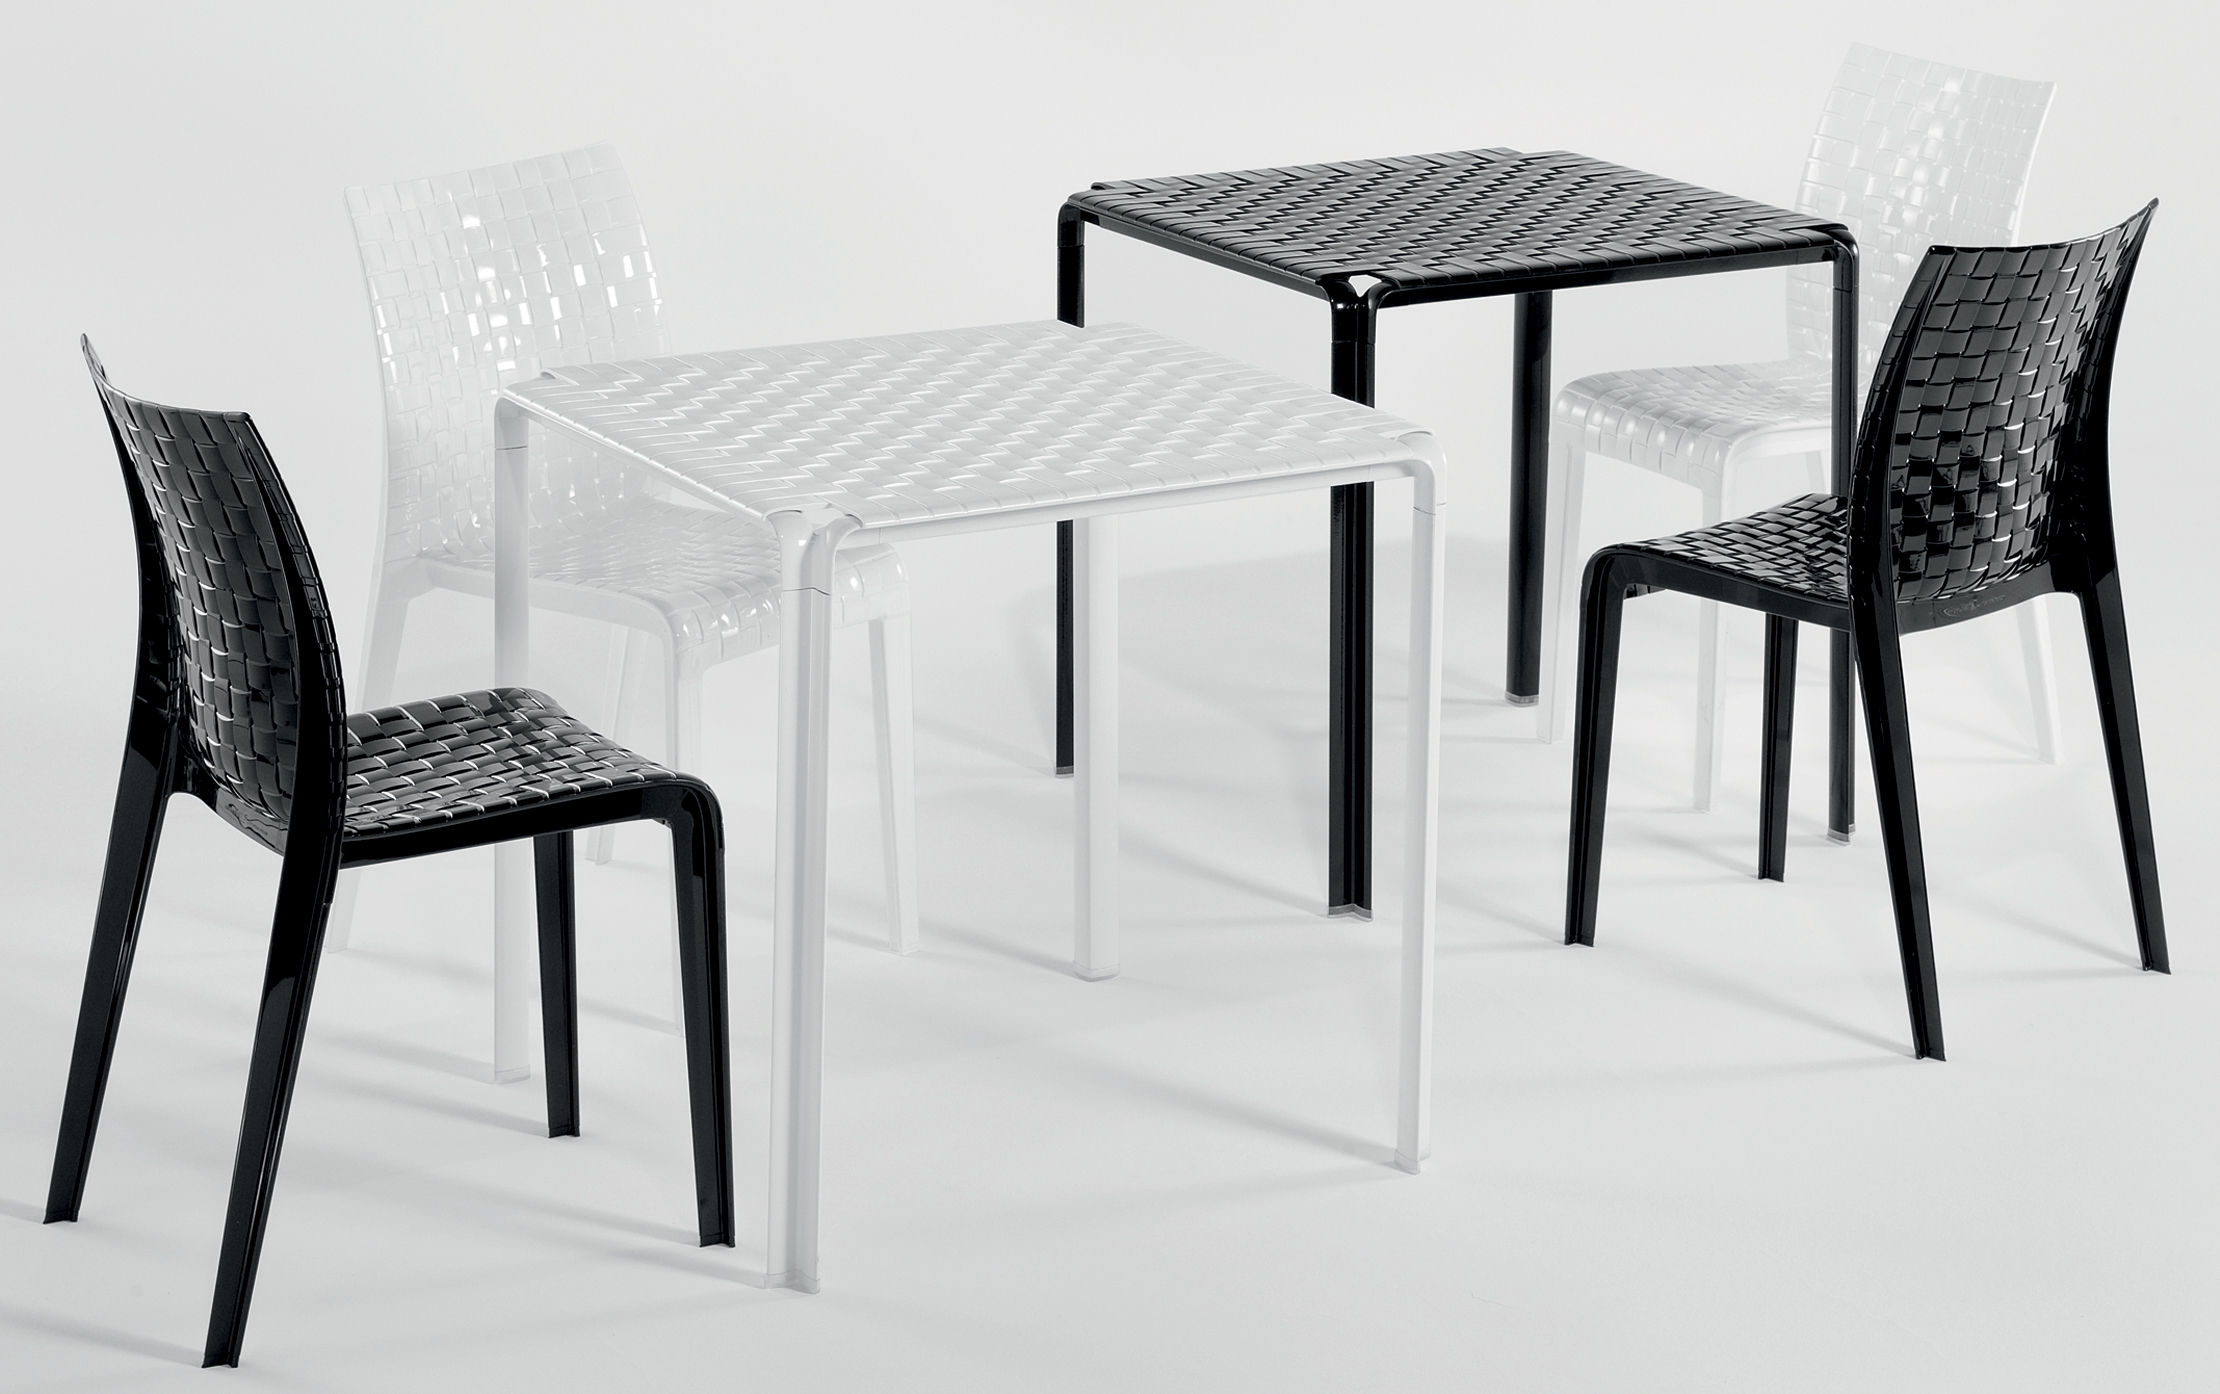 Scopri tavolo da giardino ami ami nero lucido di kartell - Tavolo four kartell prezzo ...